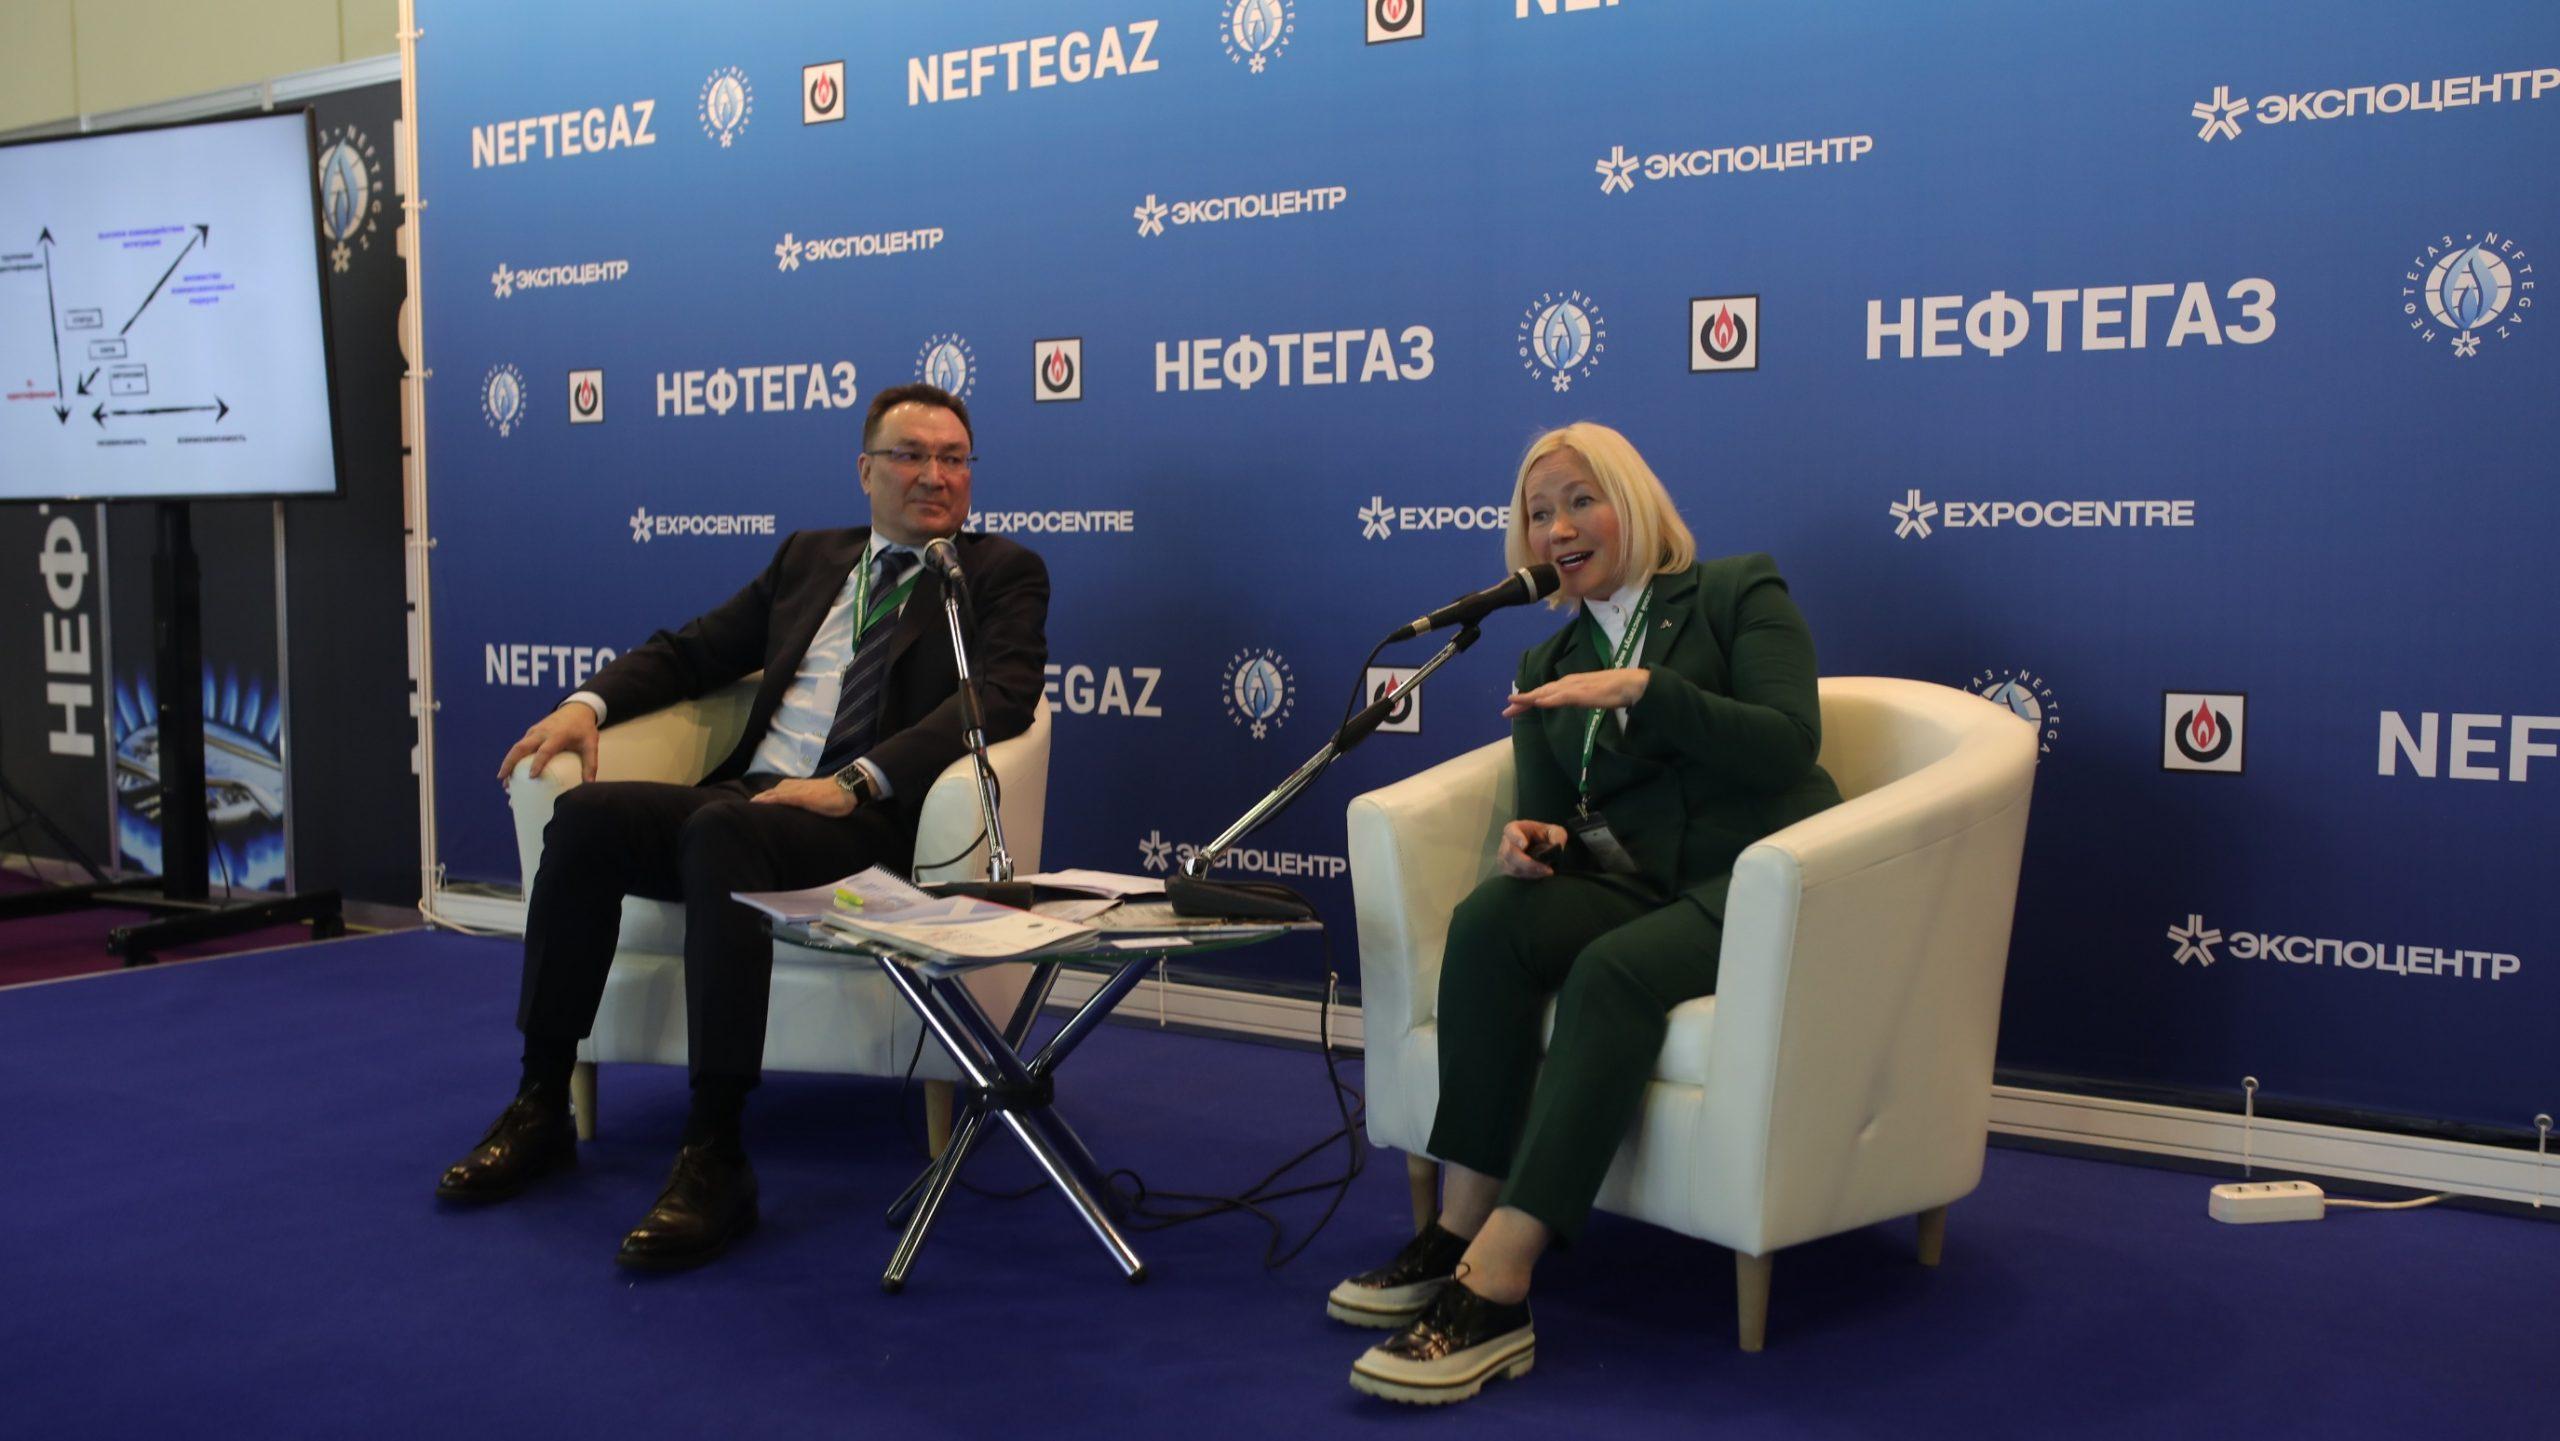 Р.Р. Шагиев, Нефтегаз-2021, Деловая программа